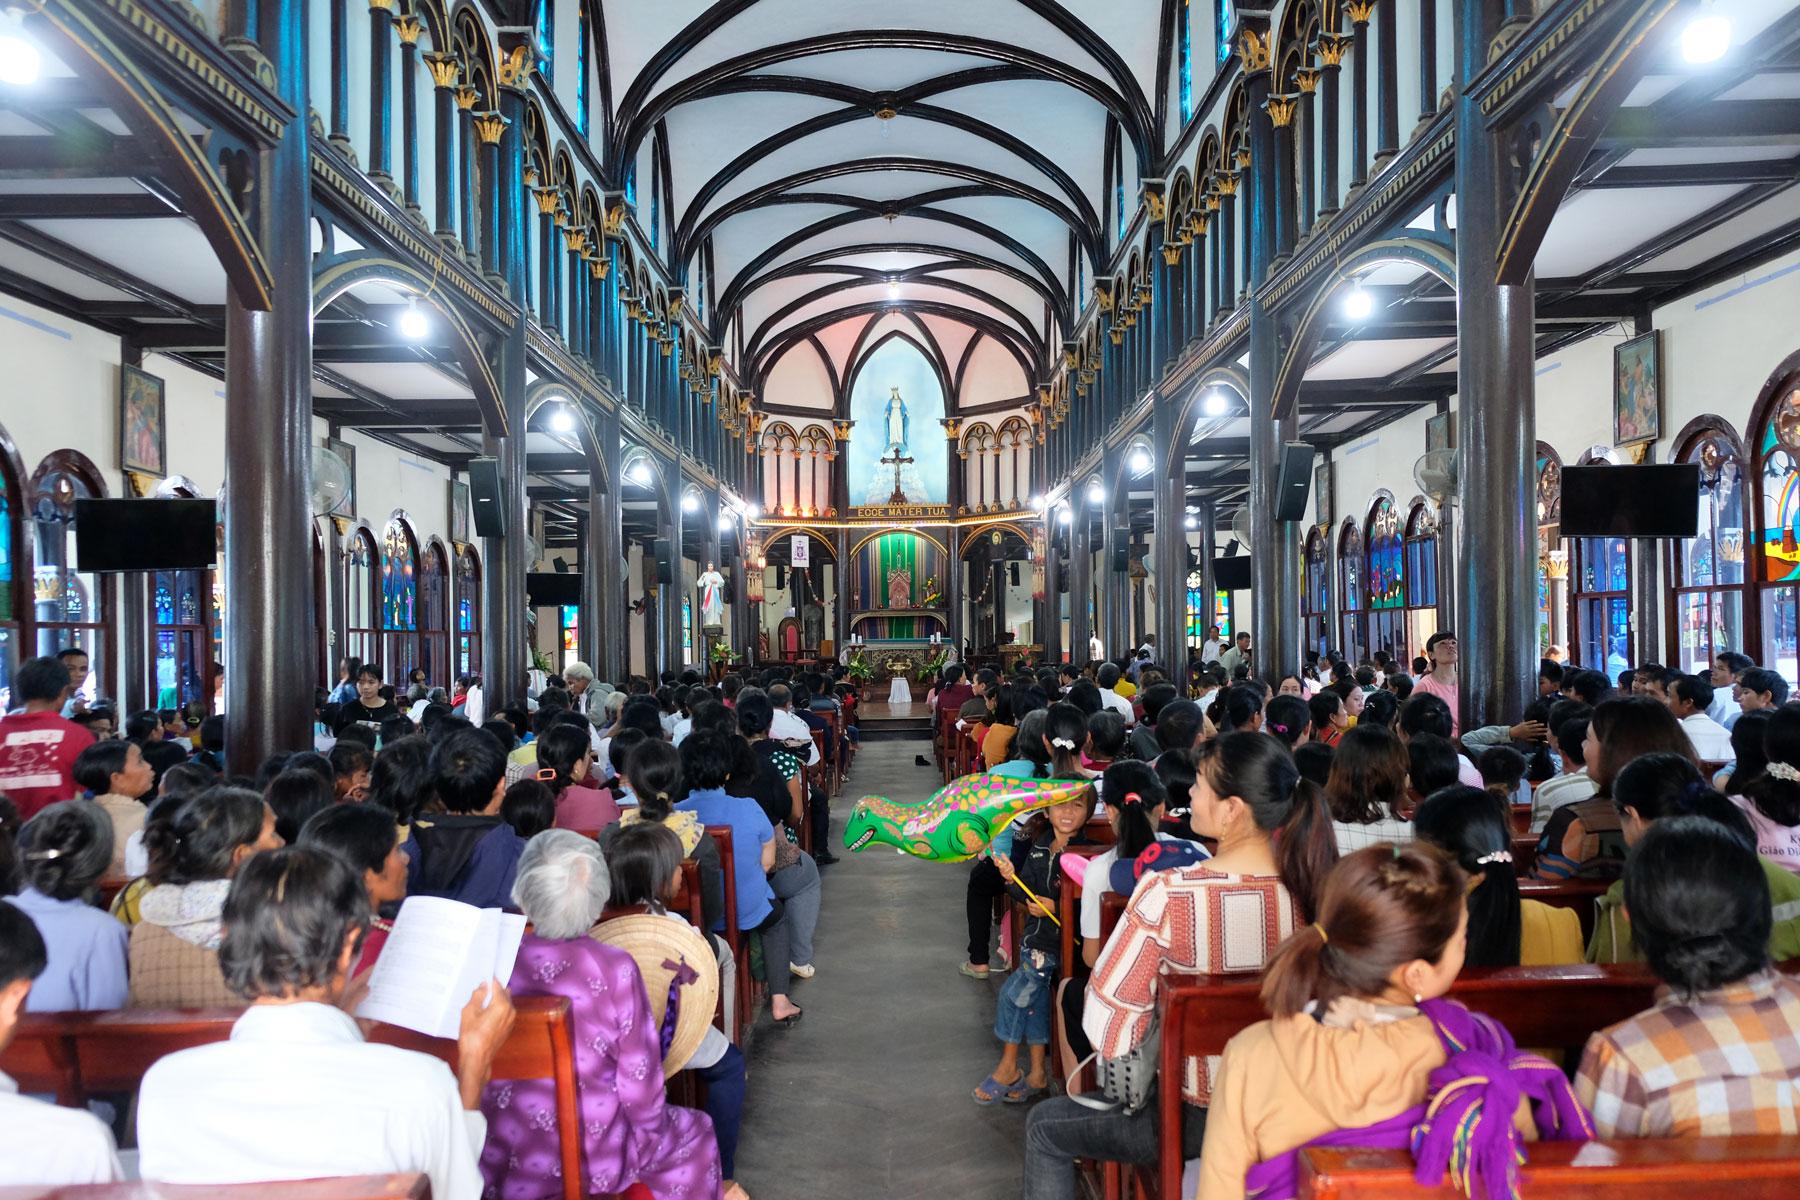 Jetzt ist die Holzkirche von Kon Tum voller Besucher.